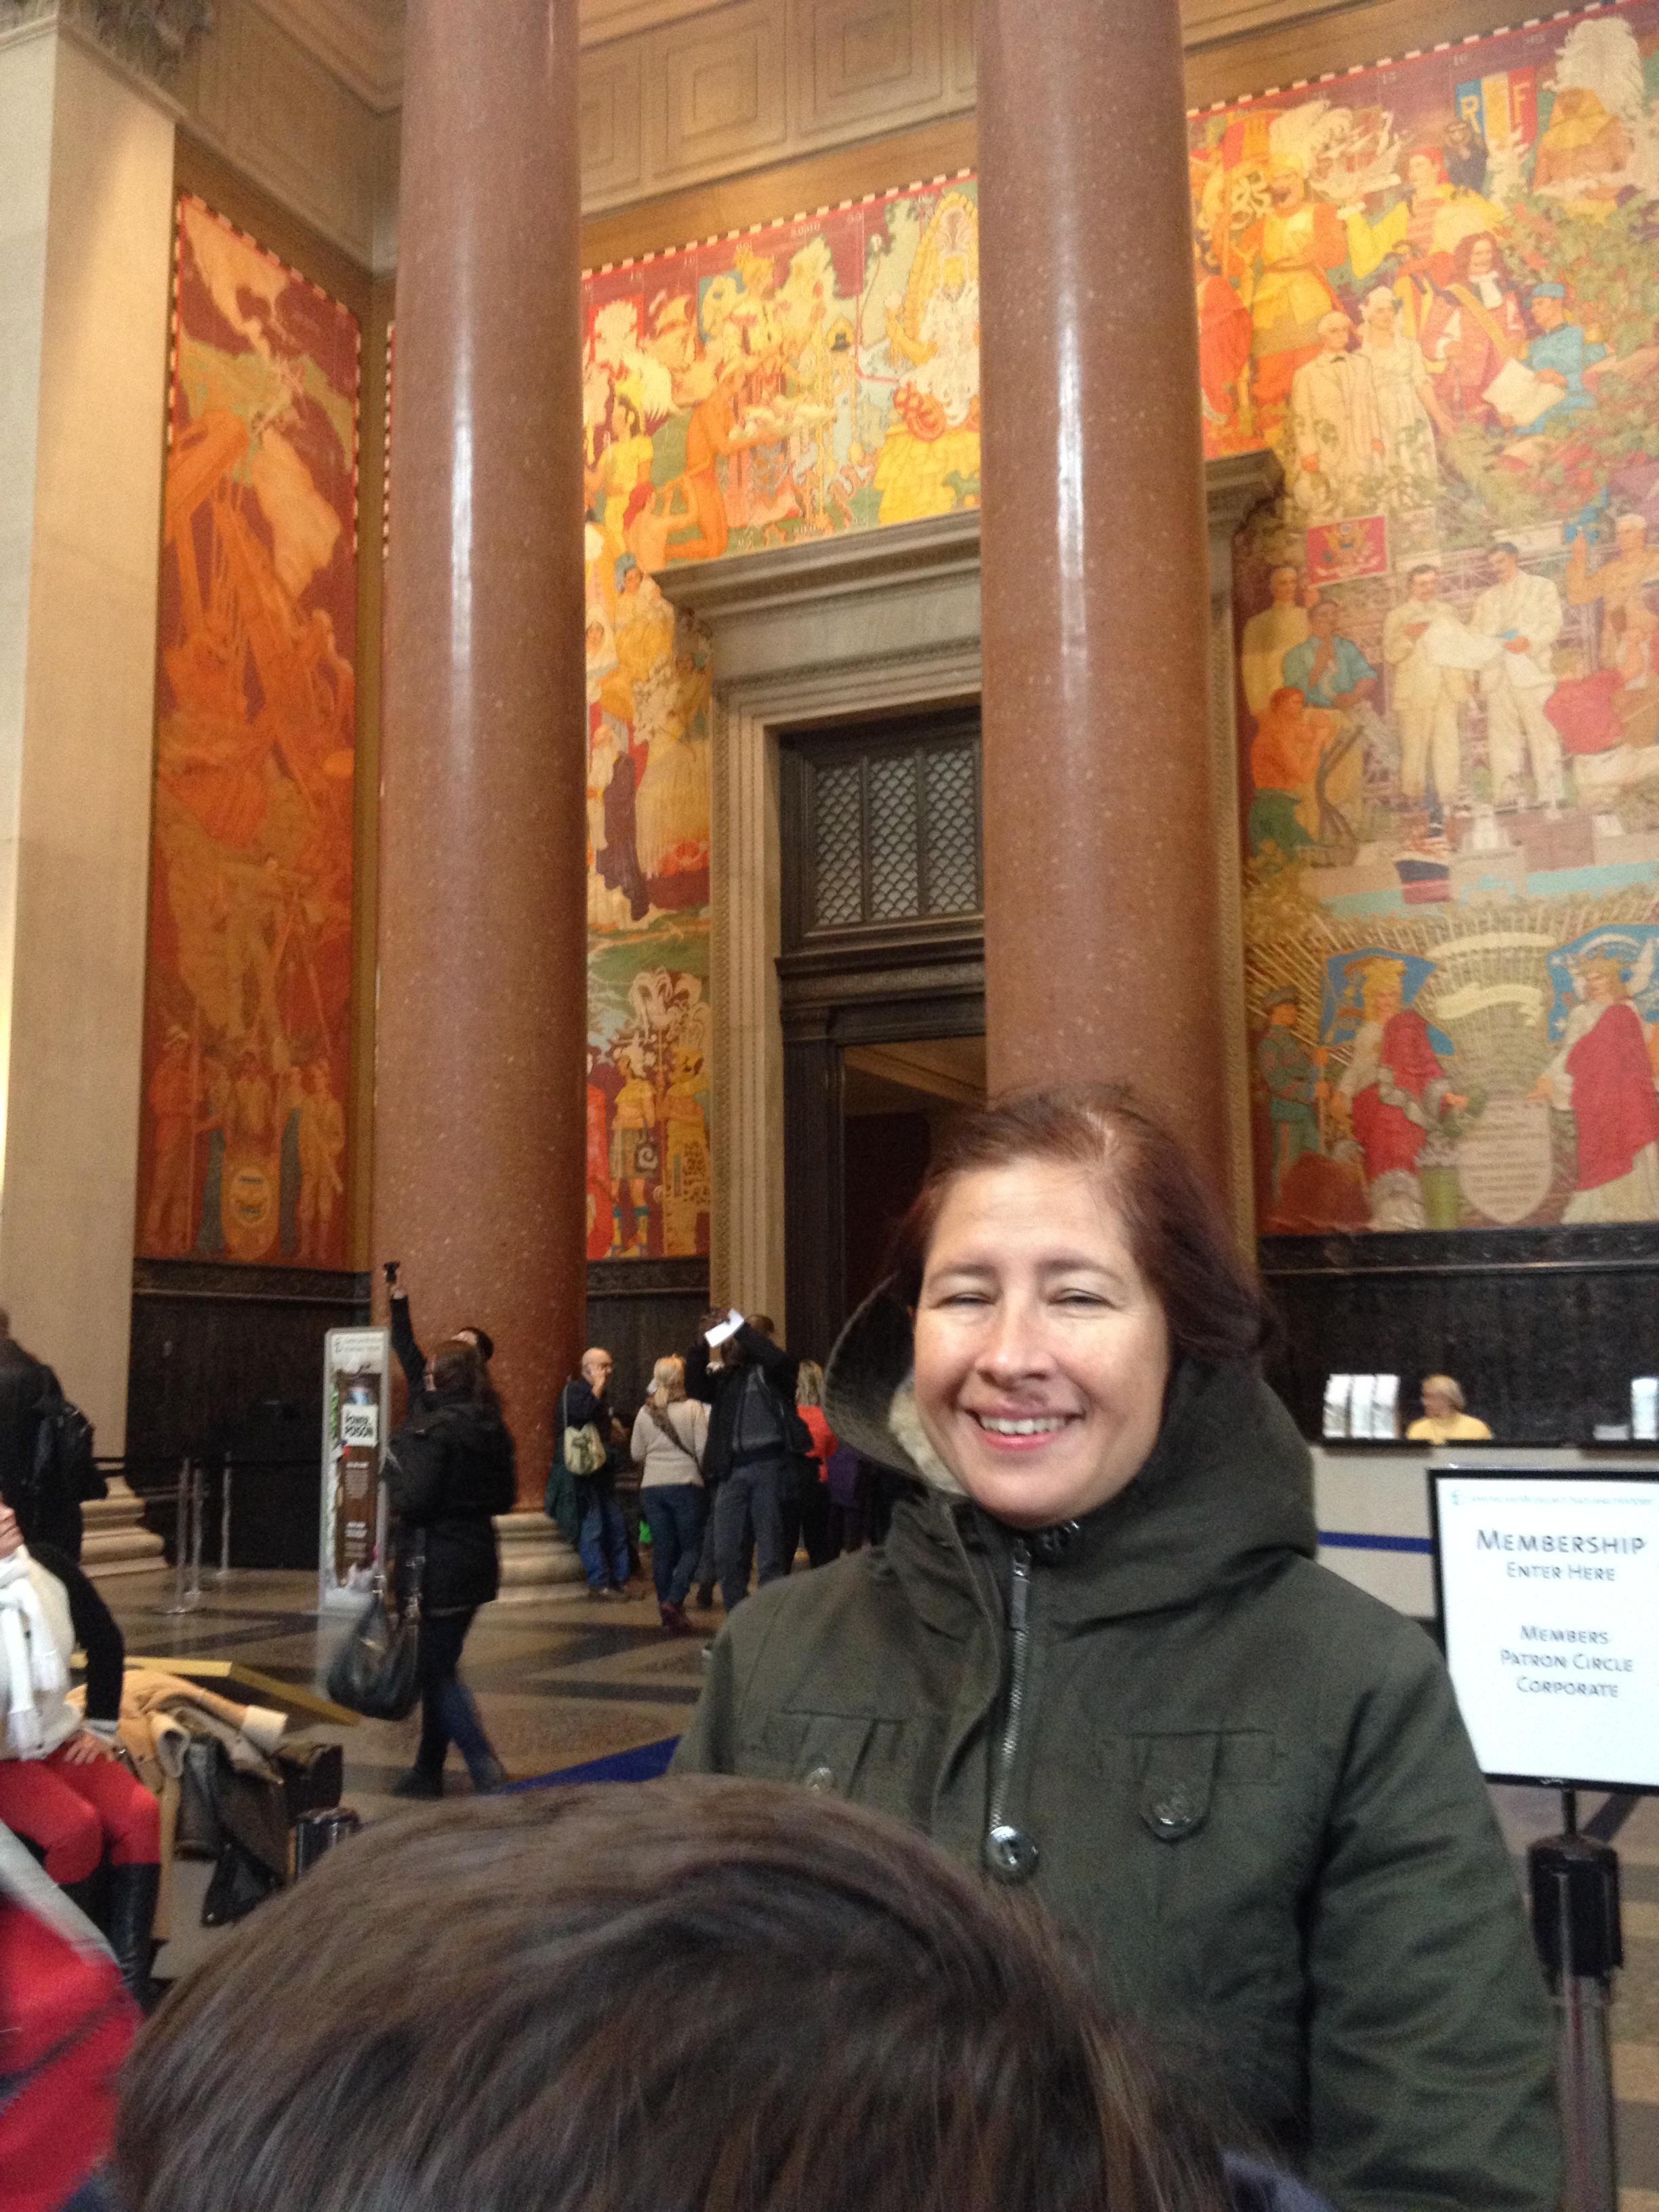 Es un museo! Enorme! Como todo en Nueva York